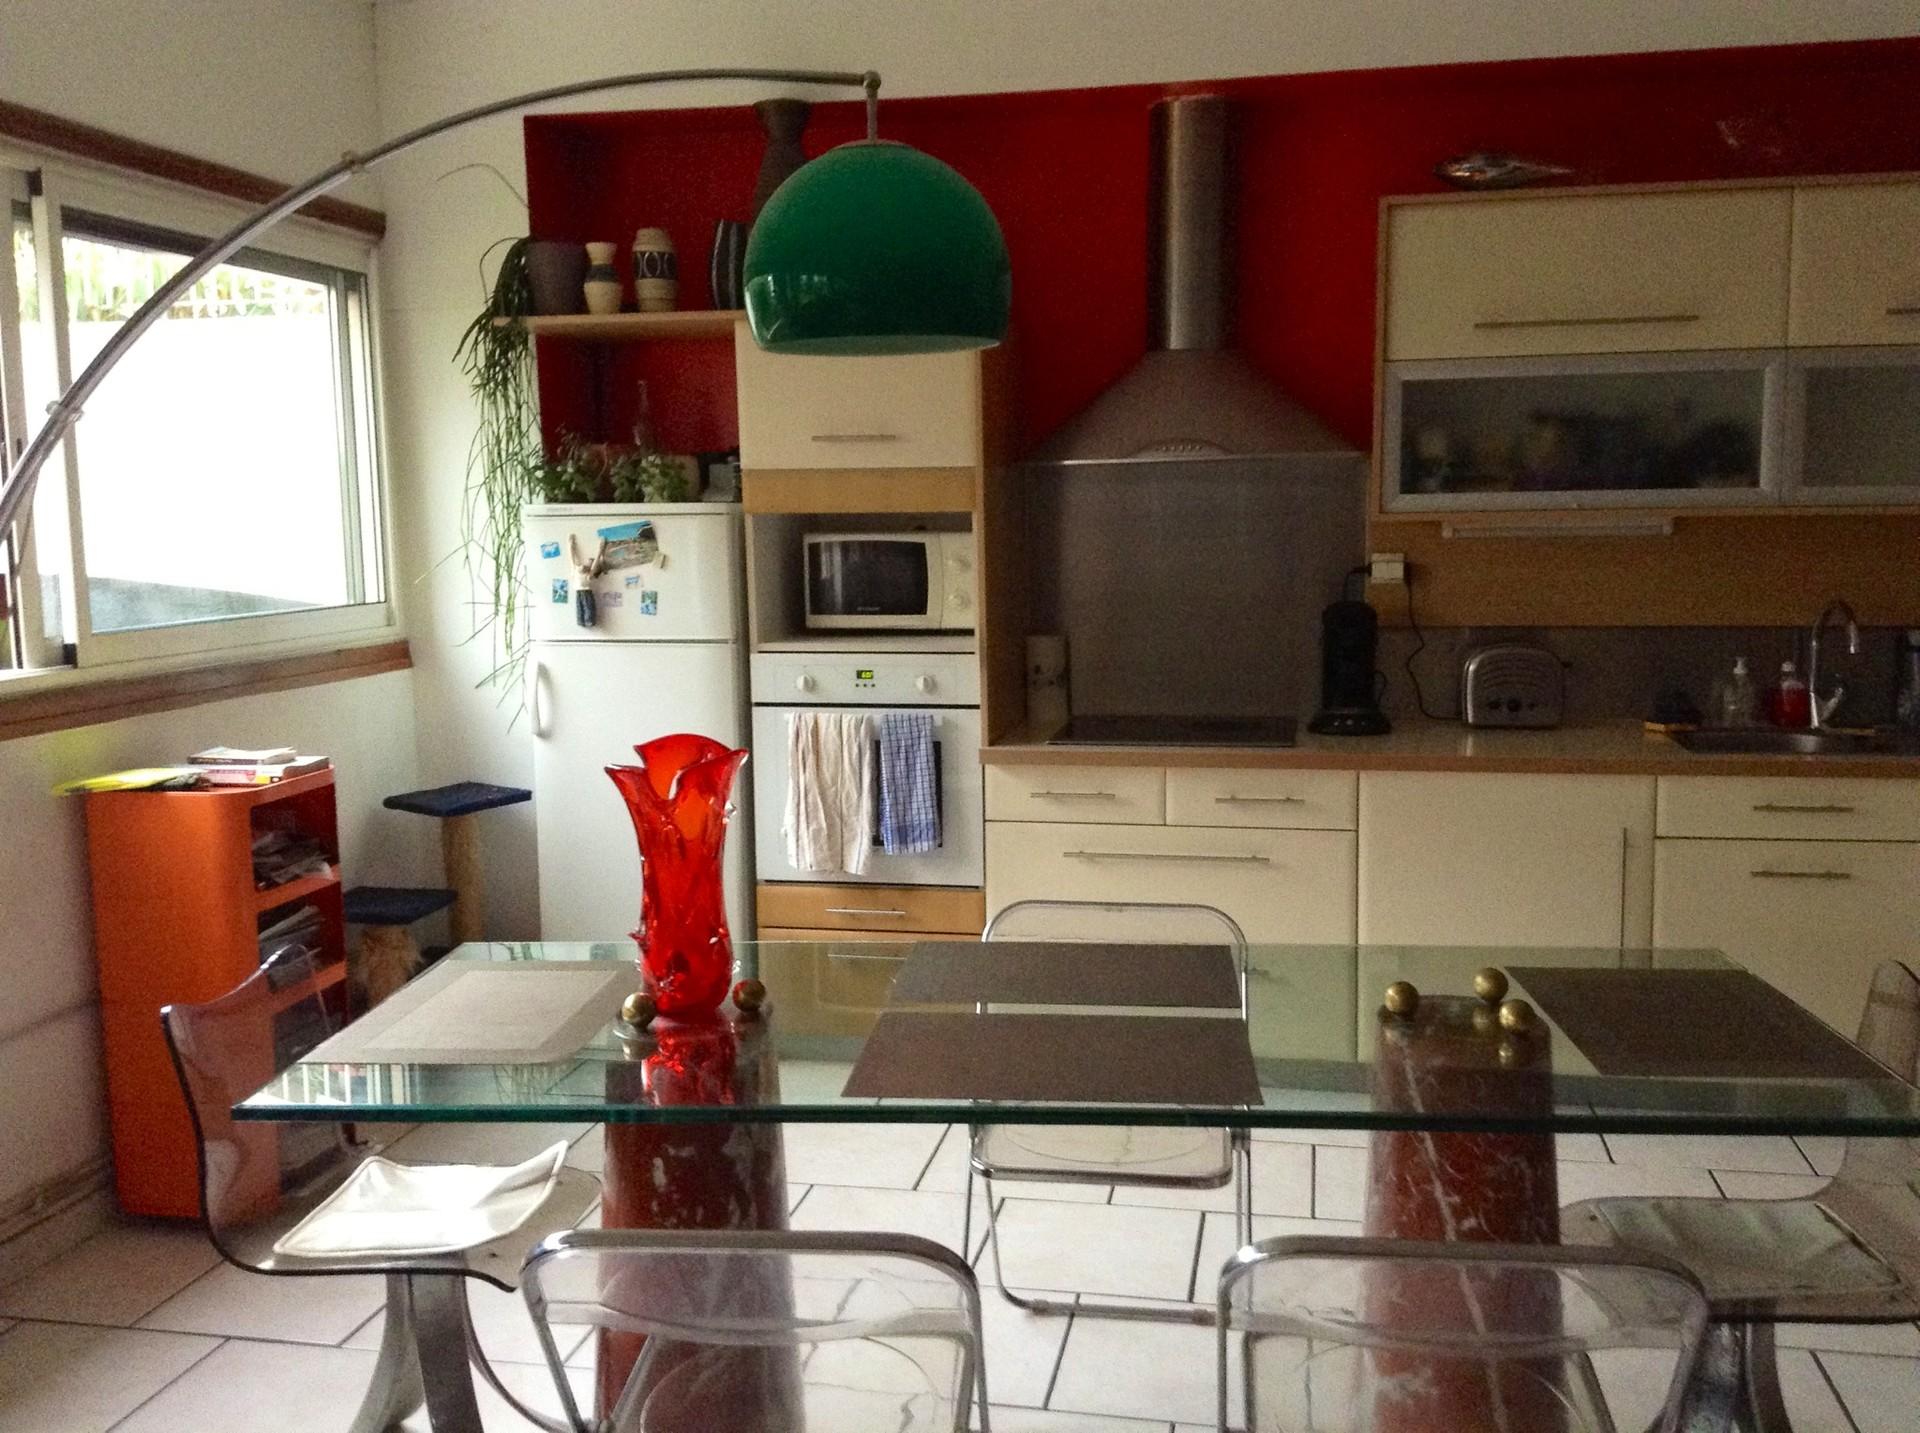 Chambre chez l 39 habitant location chambres perpignan - Chambre chez l habitant quimper ...